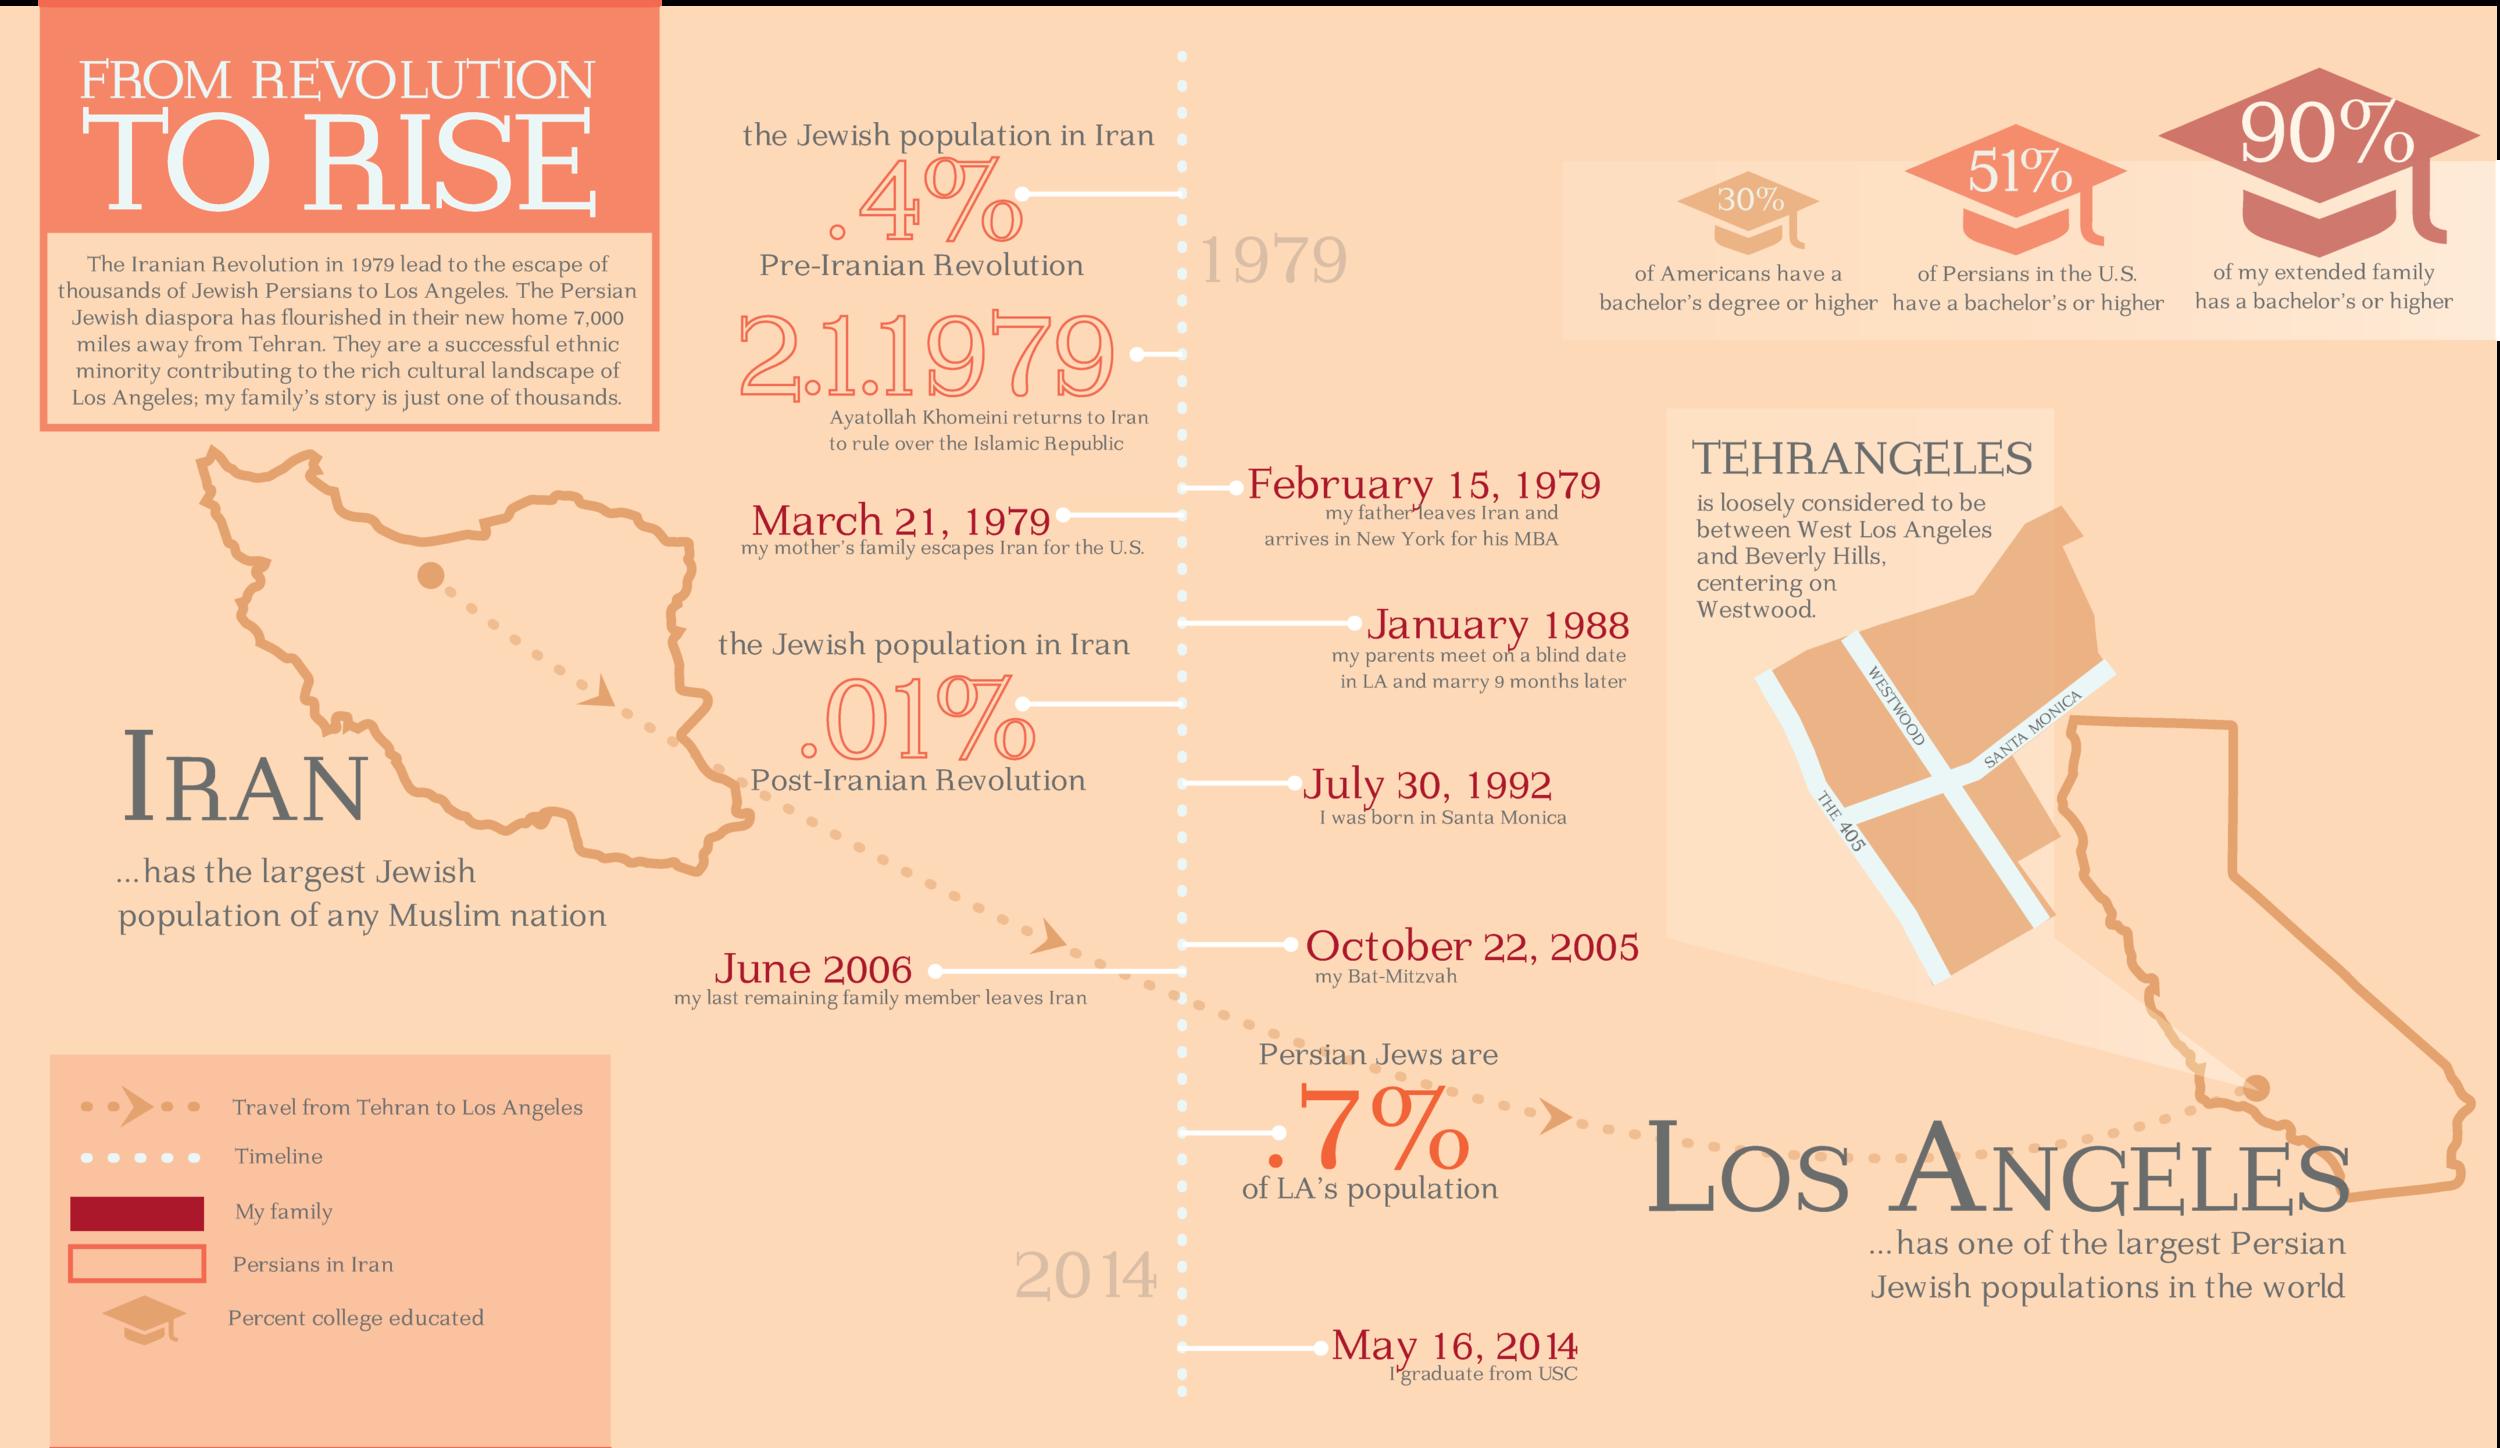 Infographic on Tehrangeles